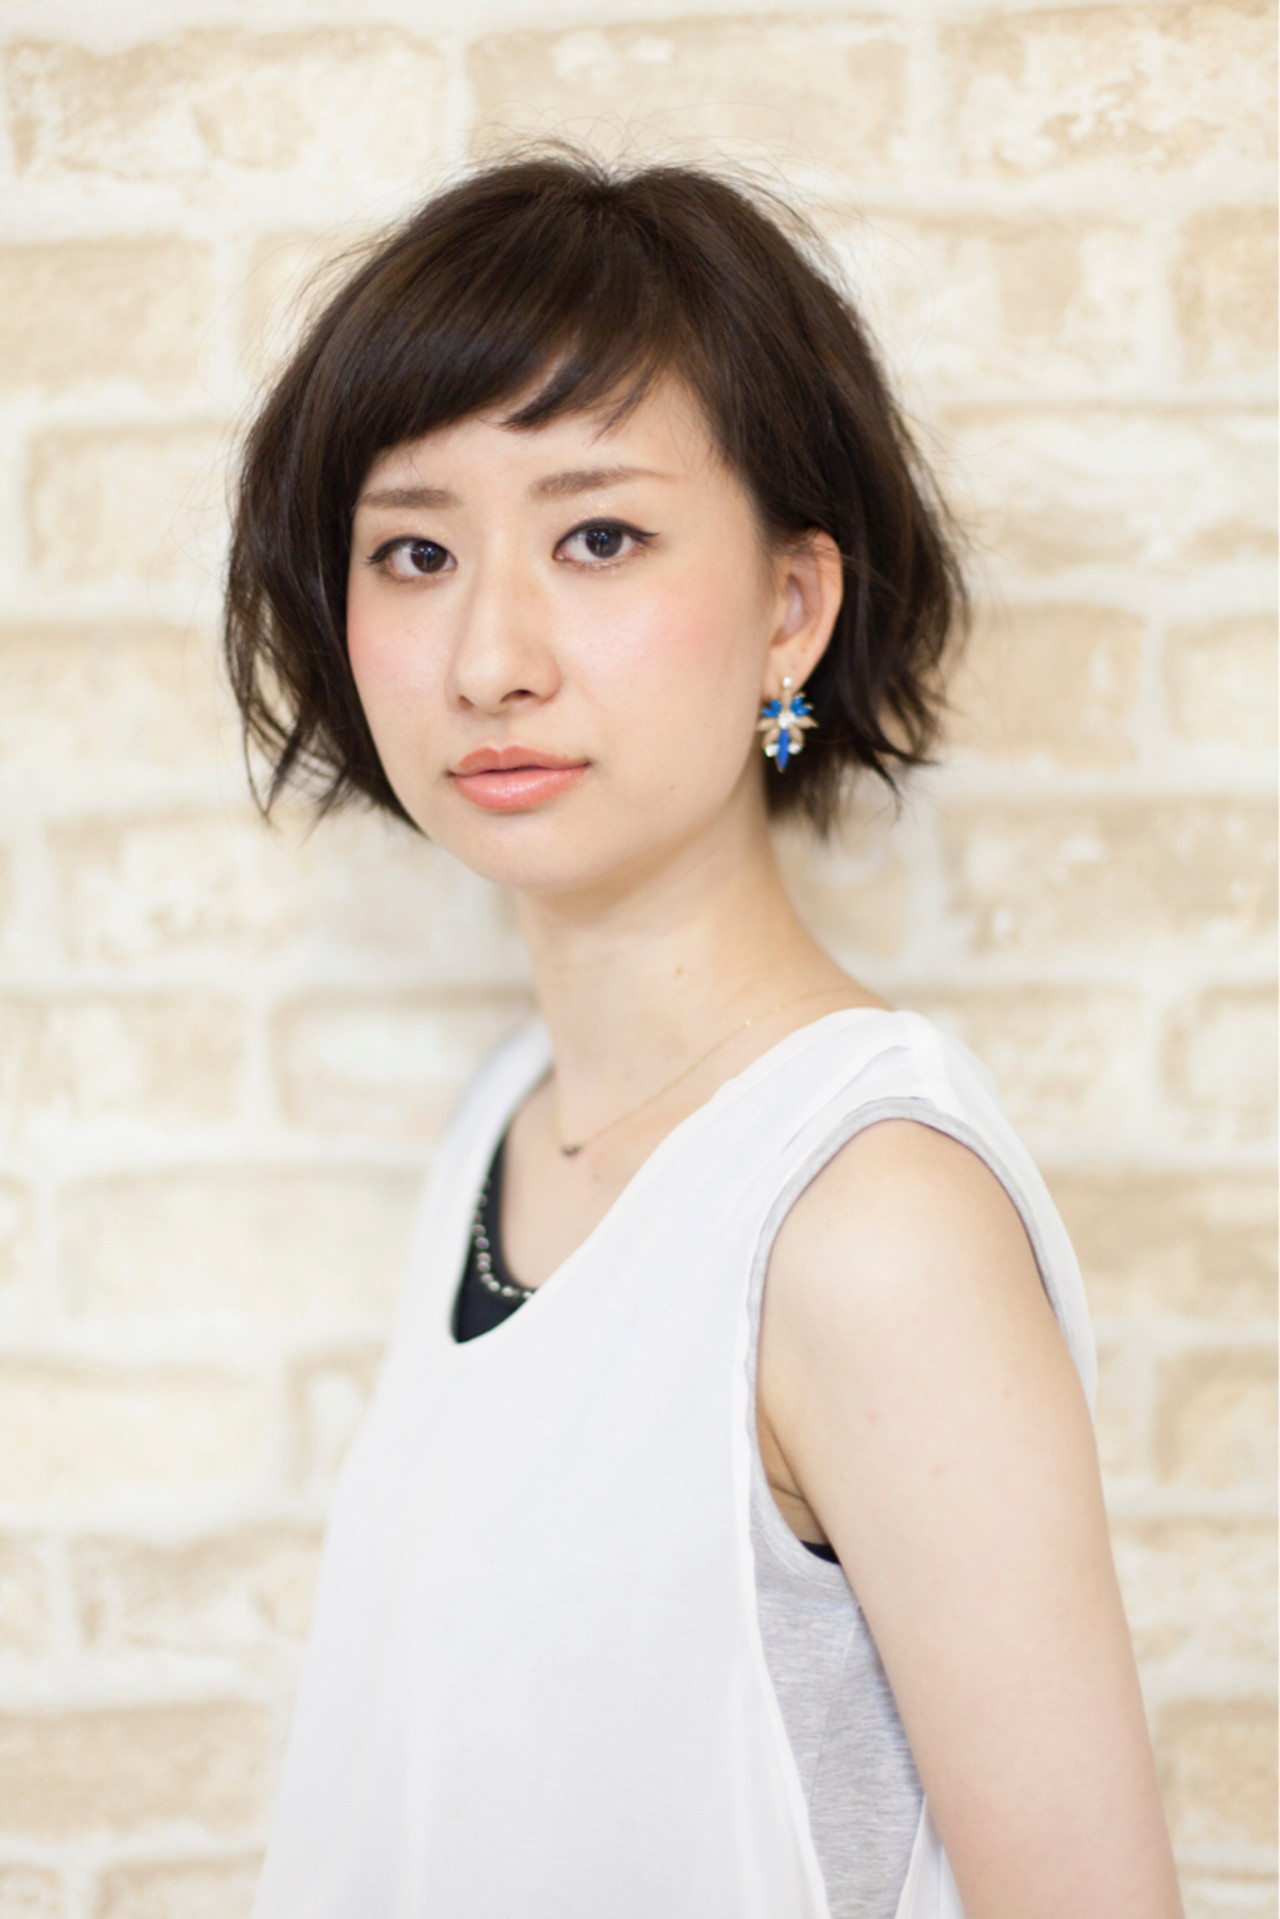 小顔 ショートボブ ナチュラル ショートバング ヘアスタイルや髪型の写真・画像 | 石川宏一 / AGATA hair